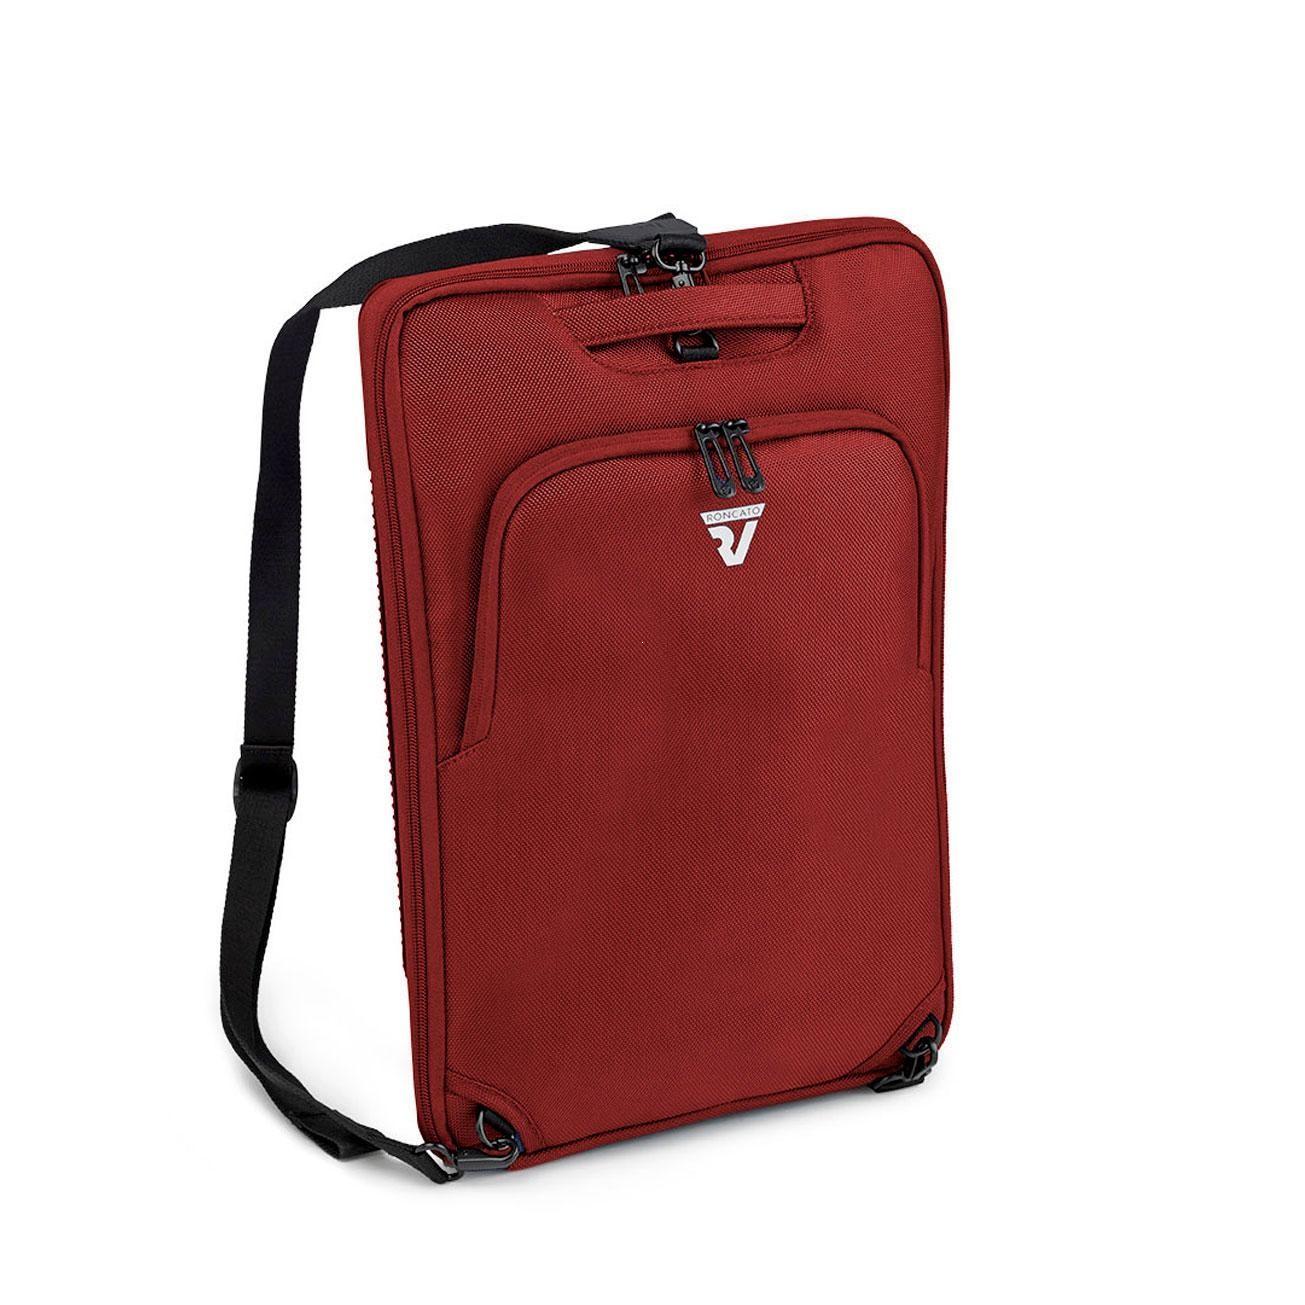 61c687150b0b5 Roncato D-Box Torba na laptopa czerwona ...